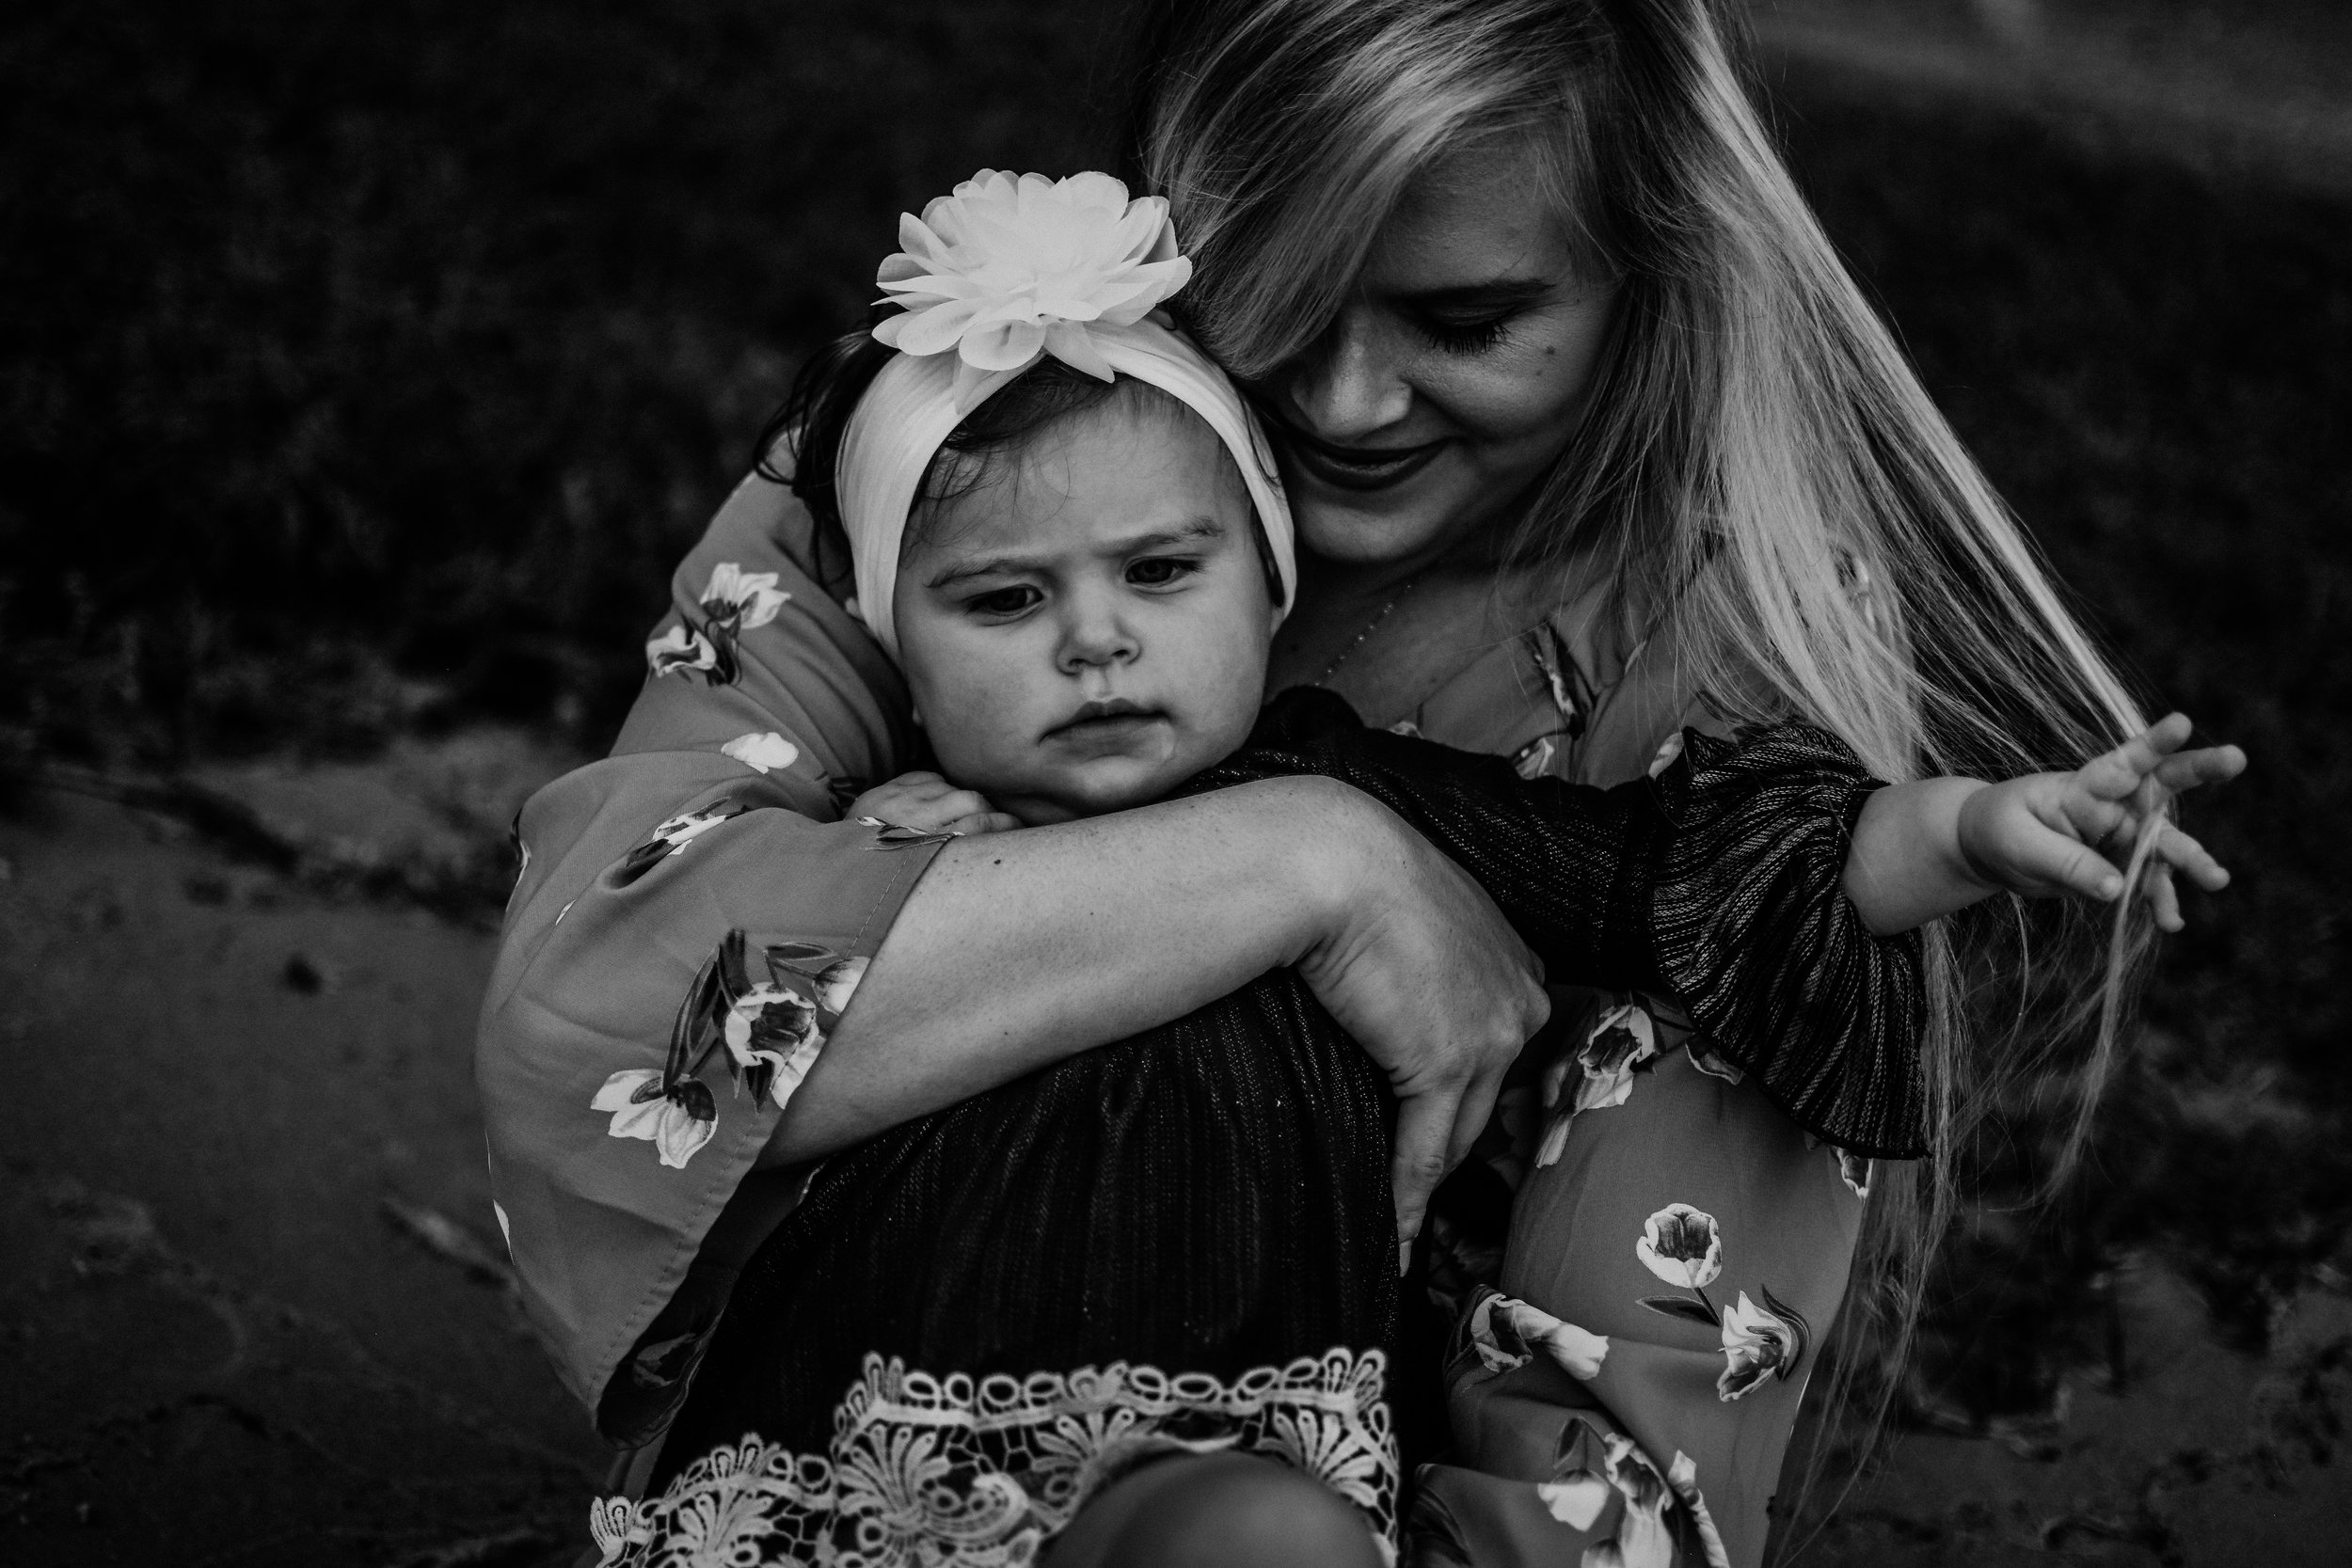 CrestviewFloridaLifestylePhotographer-MommyandMeSession-LakeJackson-FloralaAlabama-36.jpg